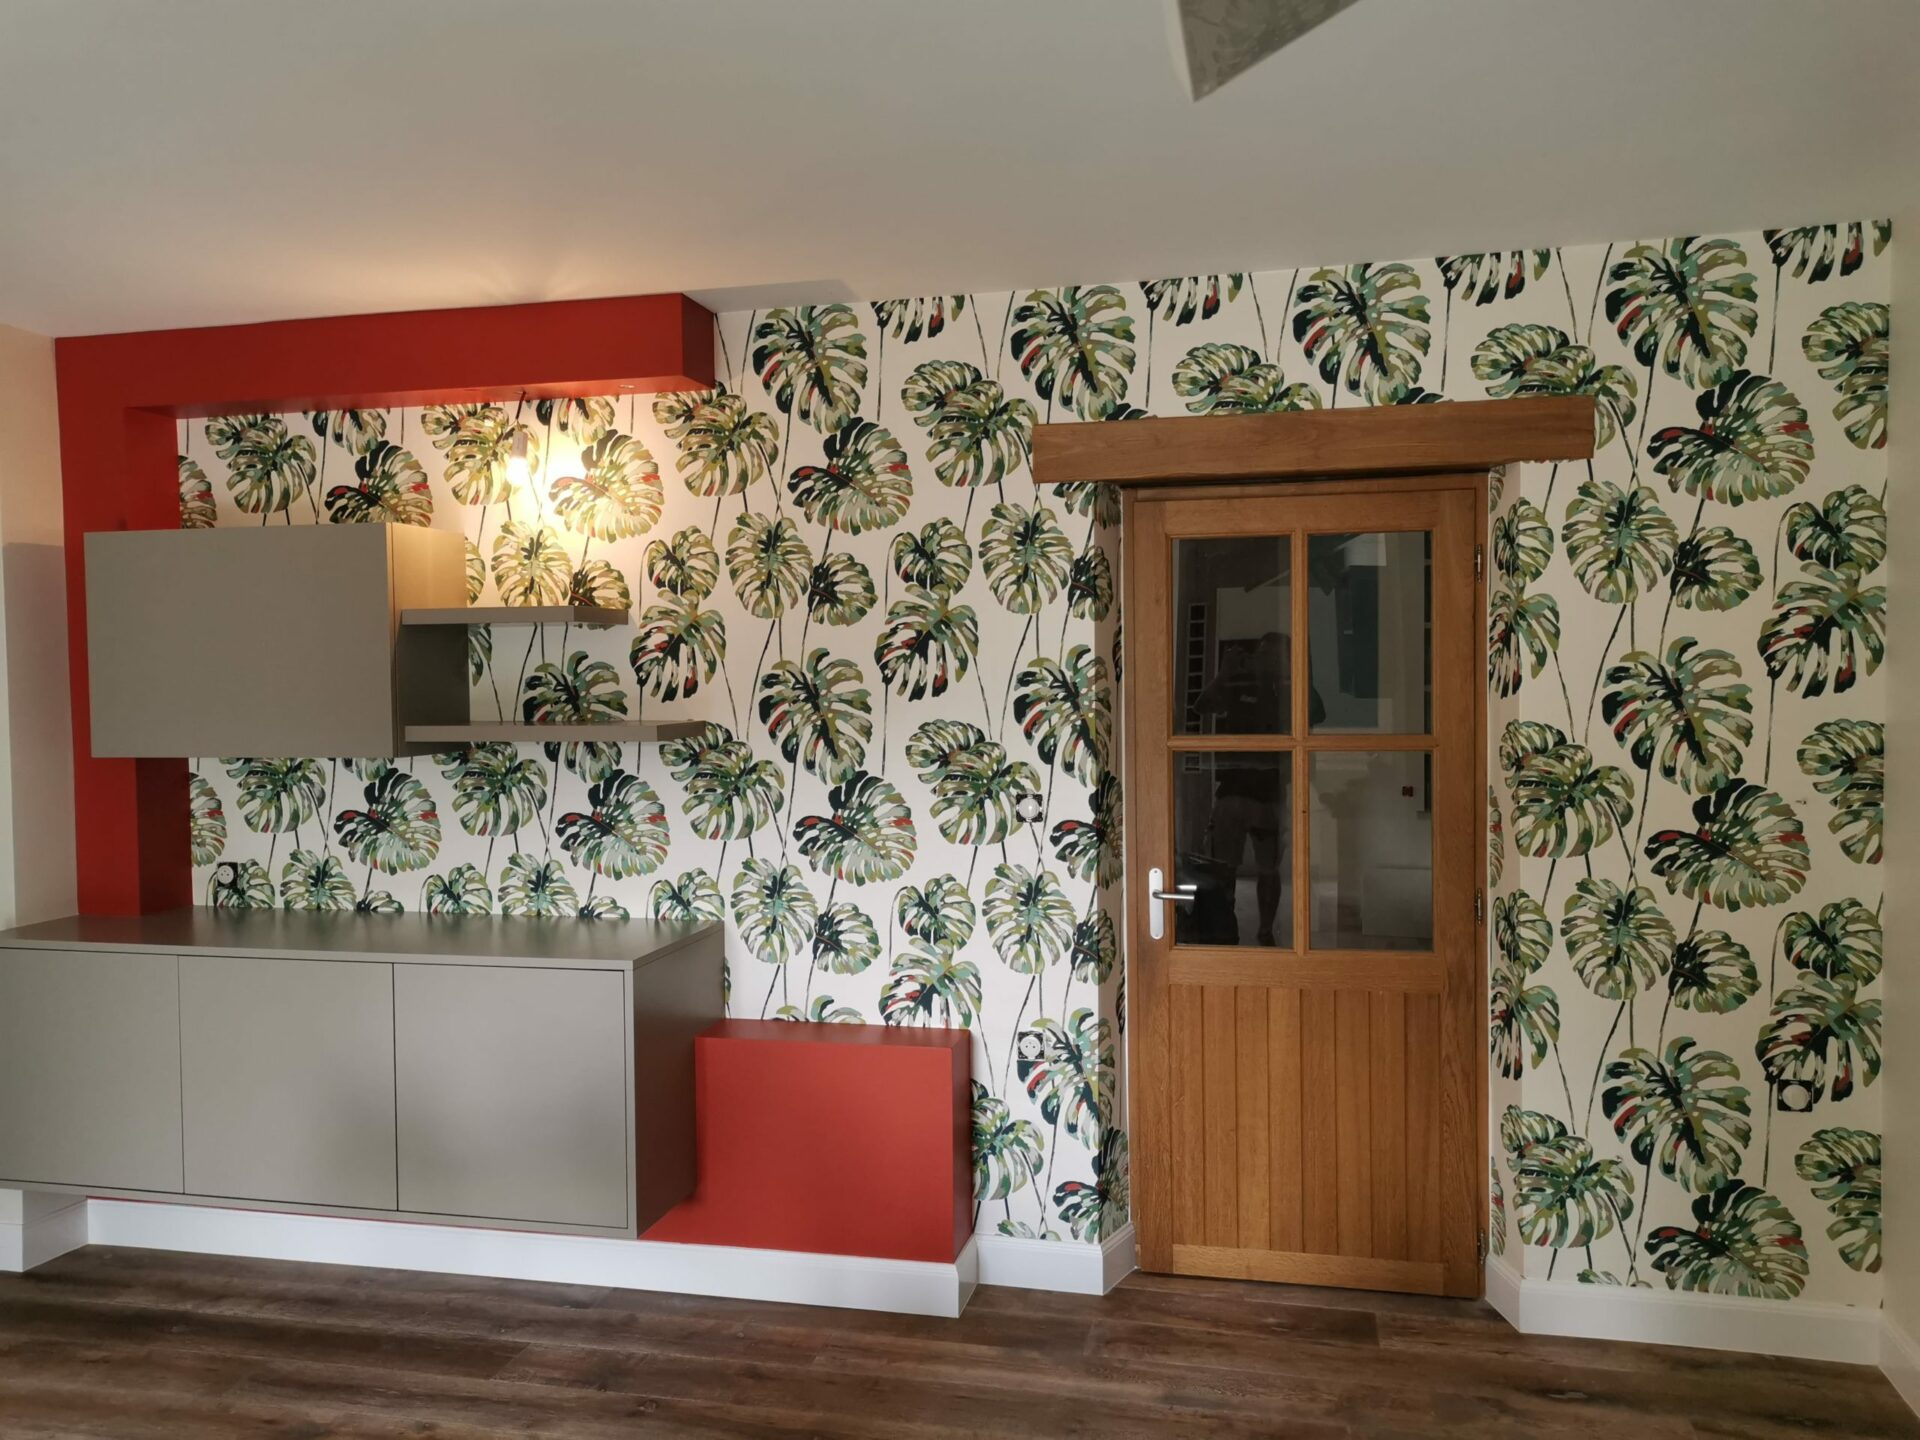 Revêtement du mur d'une cuisine avec du papier peint avec motif à feuilles vertes par Lefort Décoration